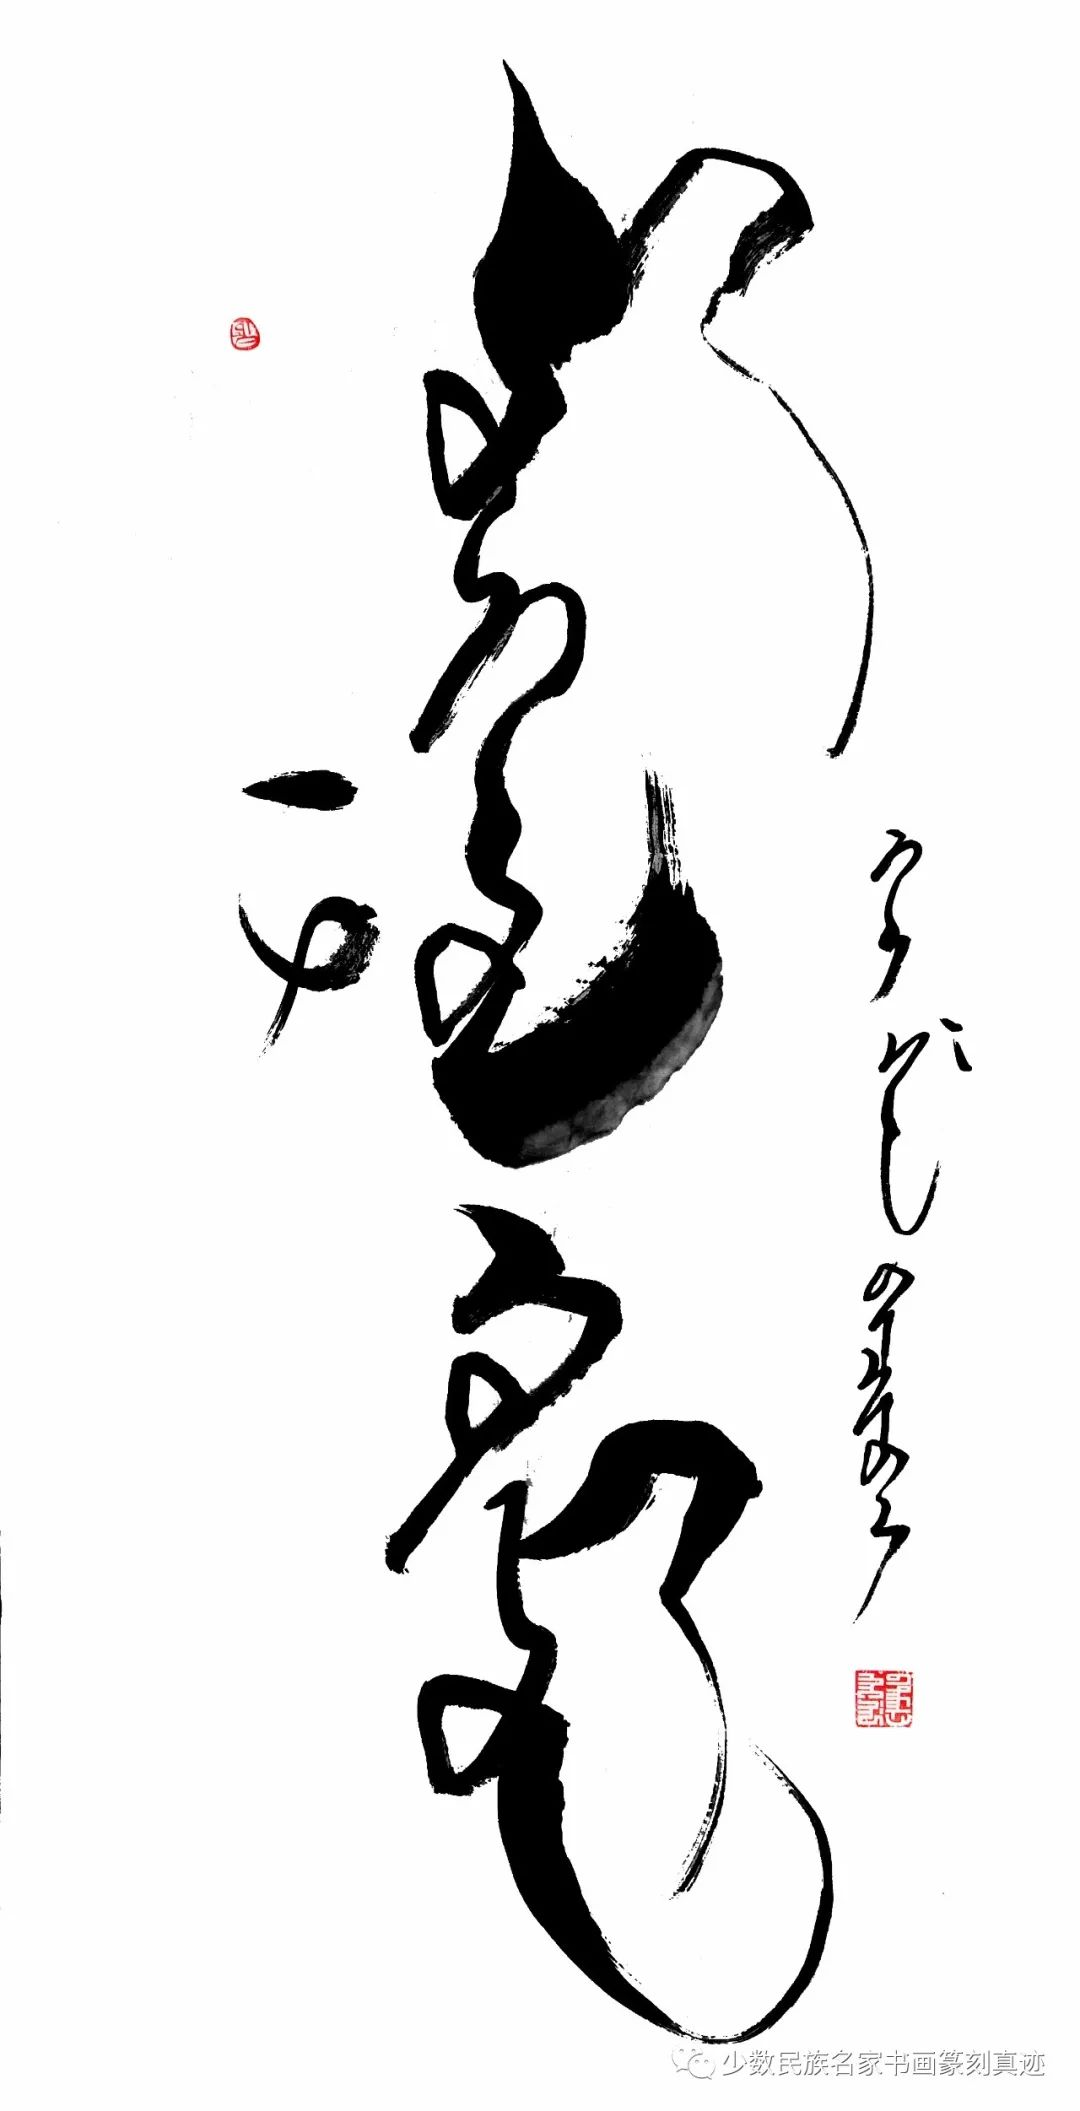 海山教授蒙古文书法作品 第16张